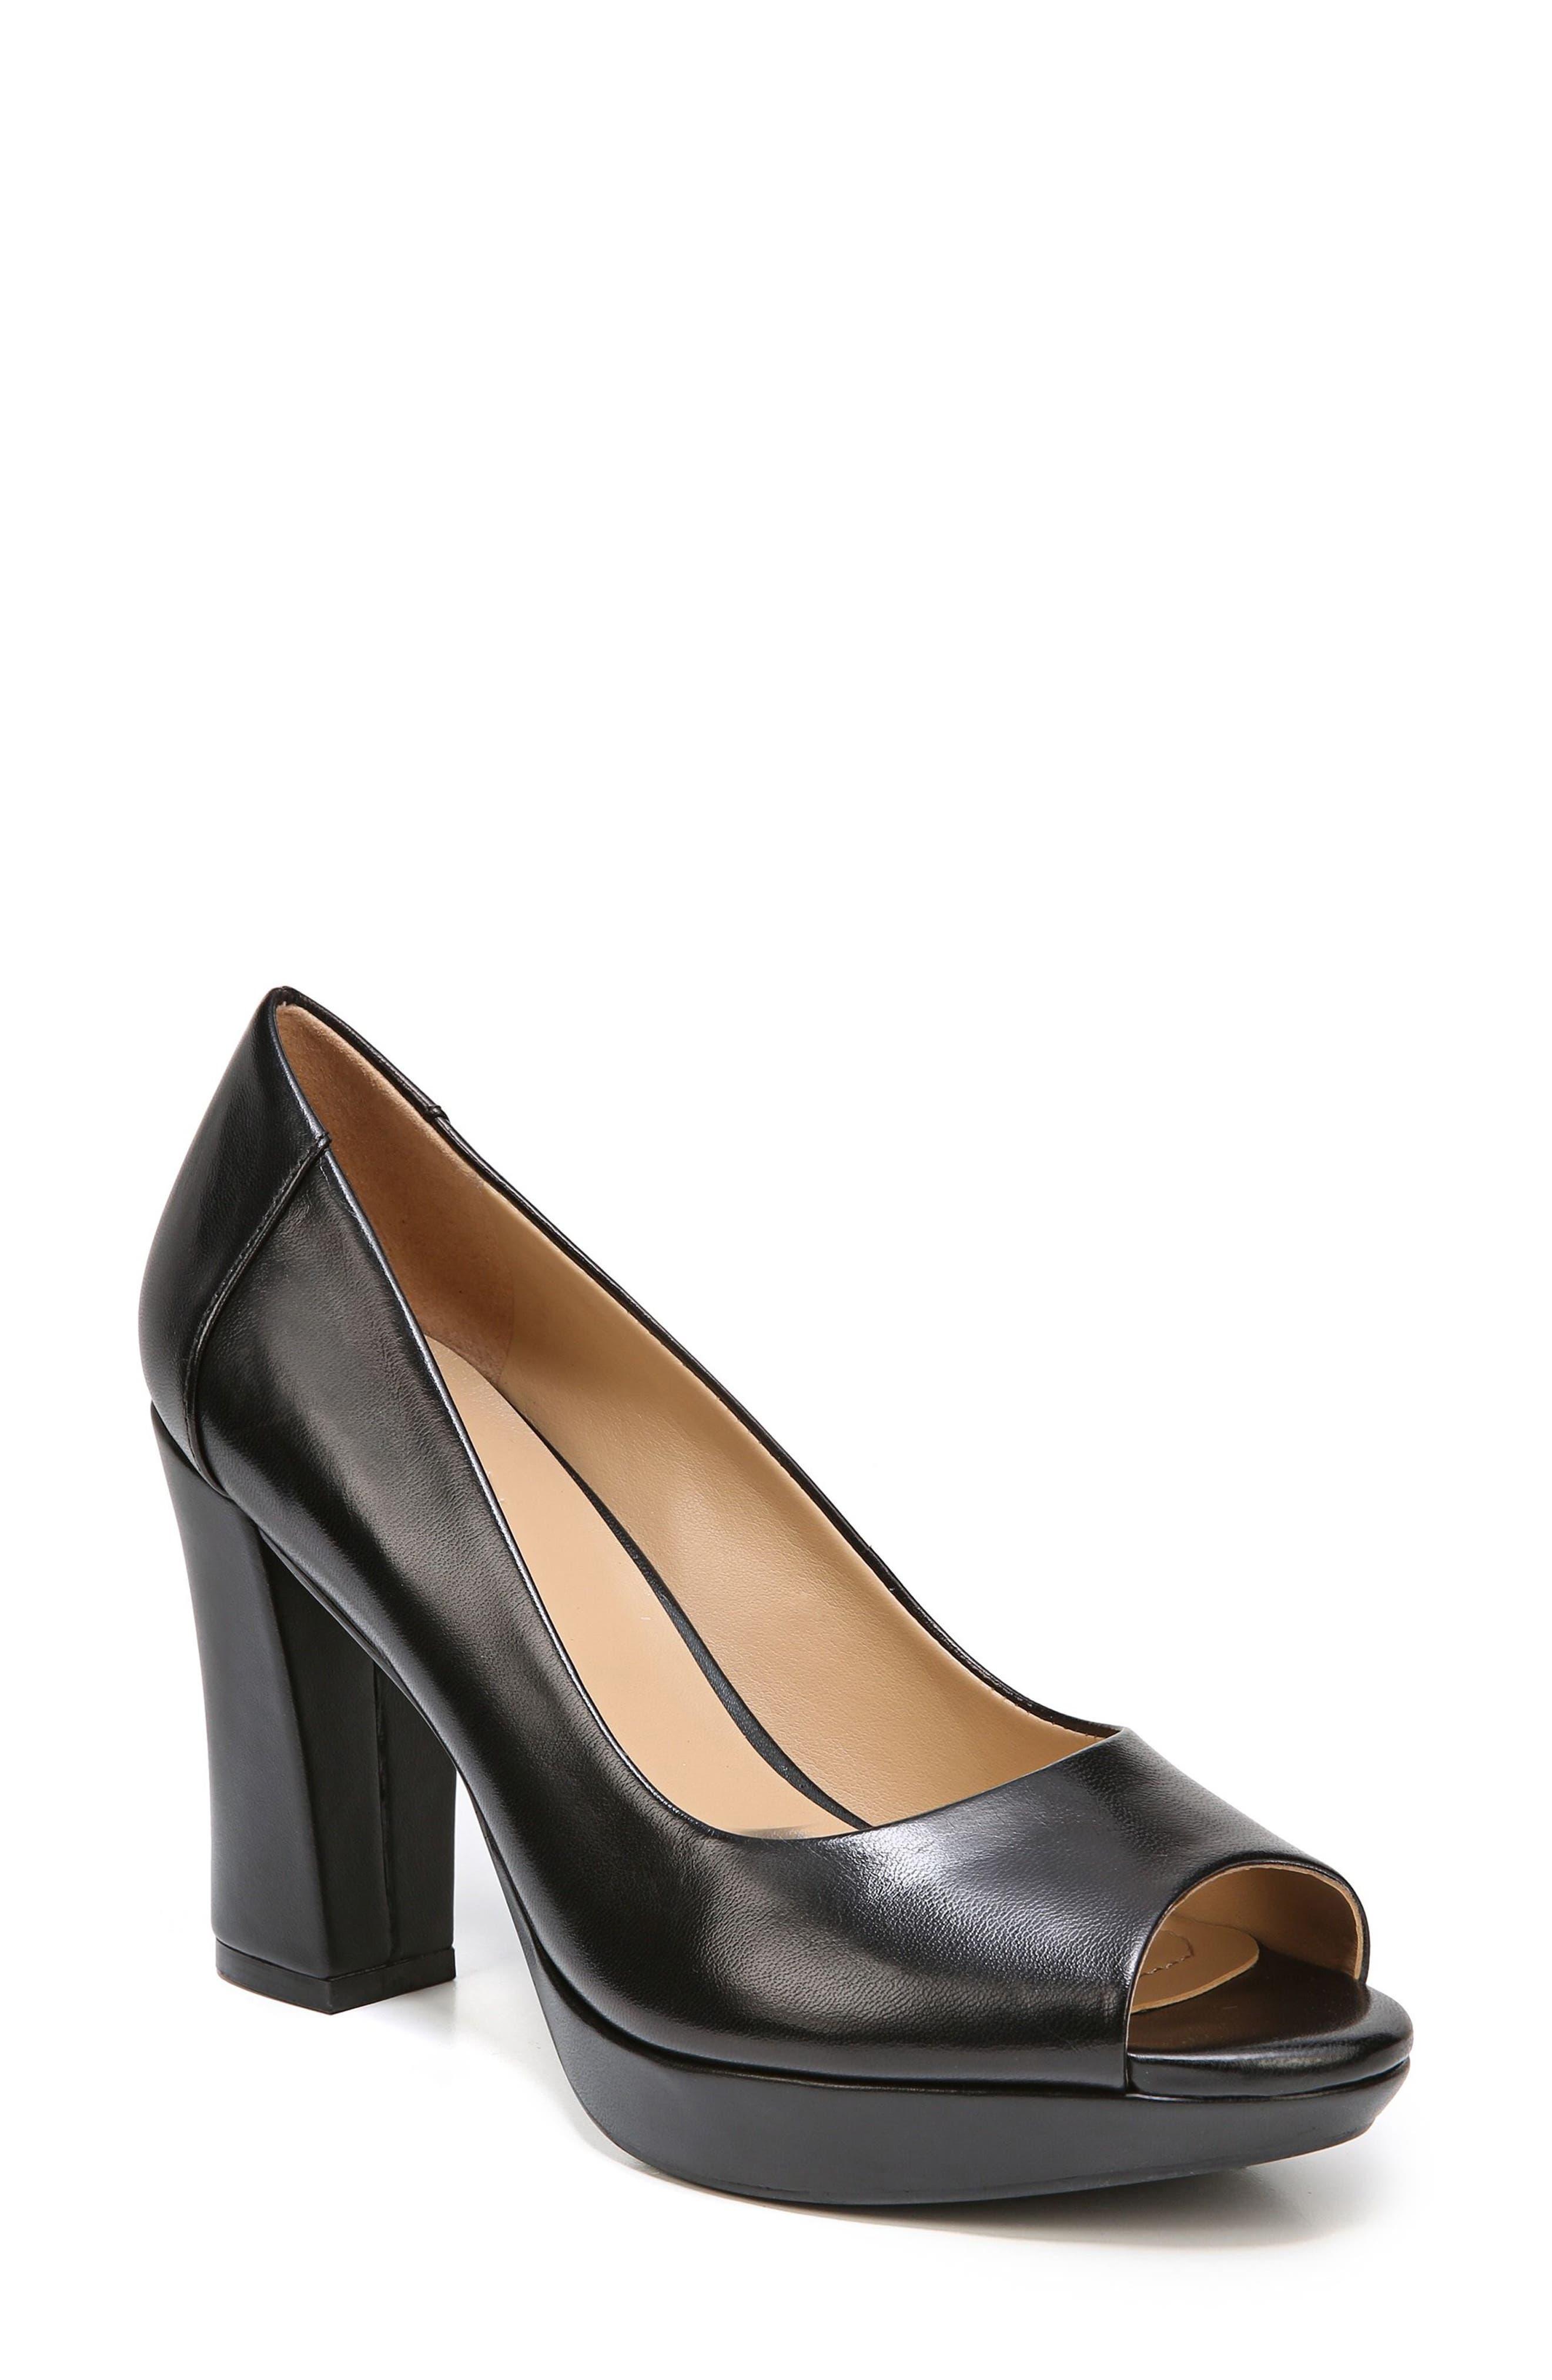 Amie Pump,                             Main thumbnail 1, color,                             Black Leather